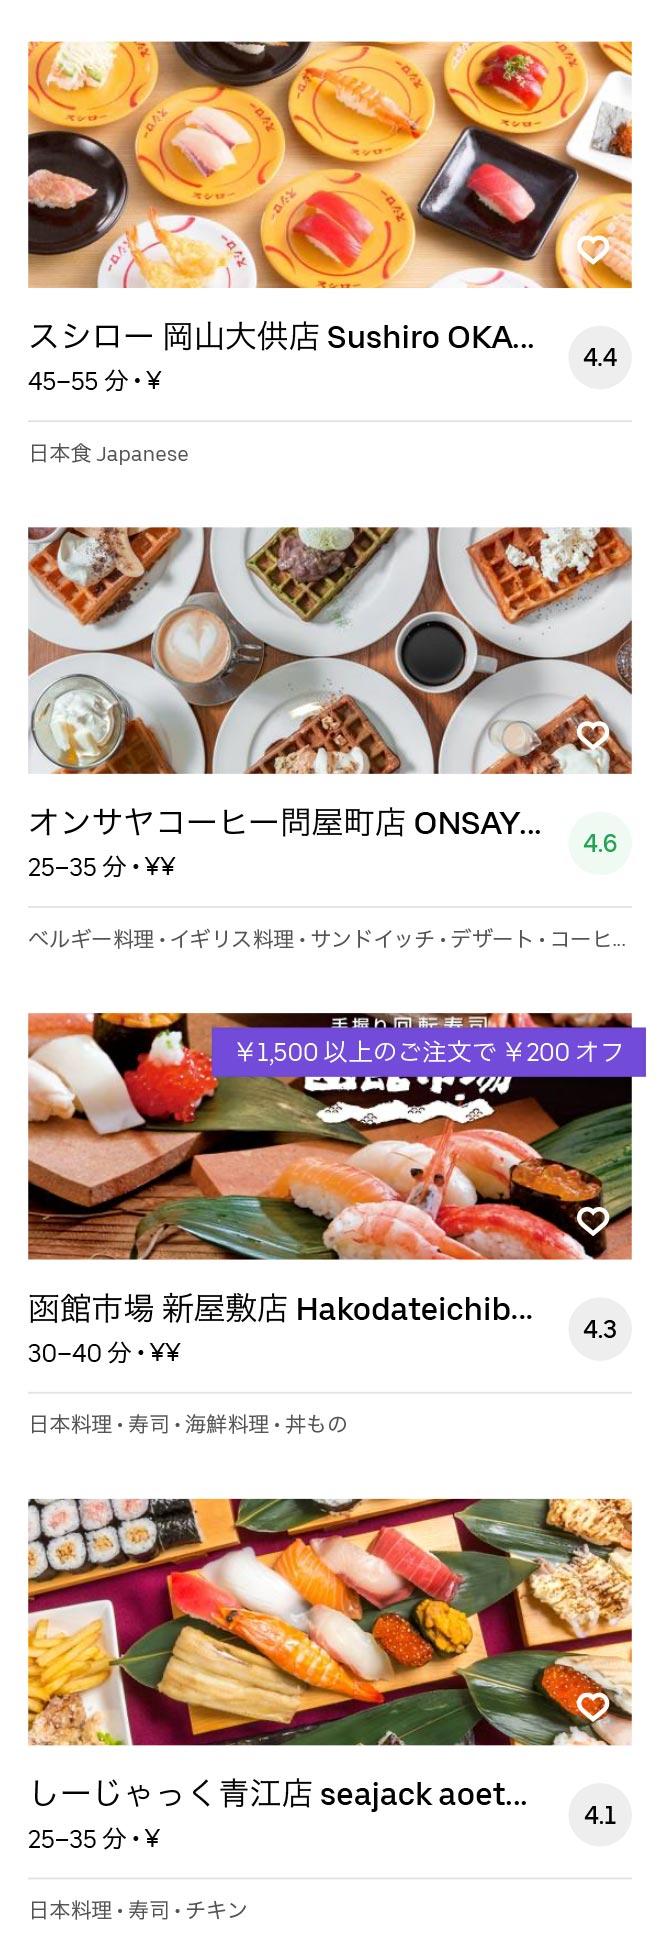 Bizen nishiichi menu 2007 06